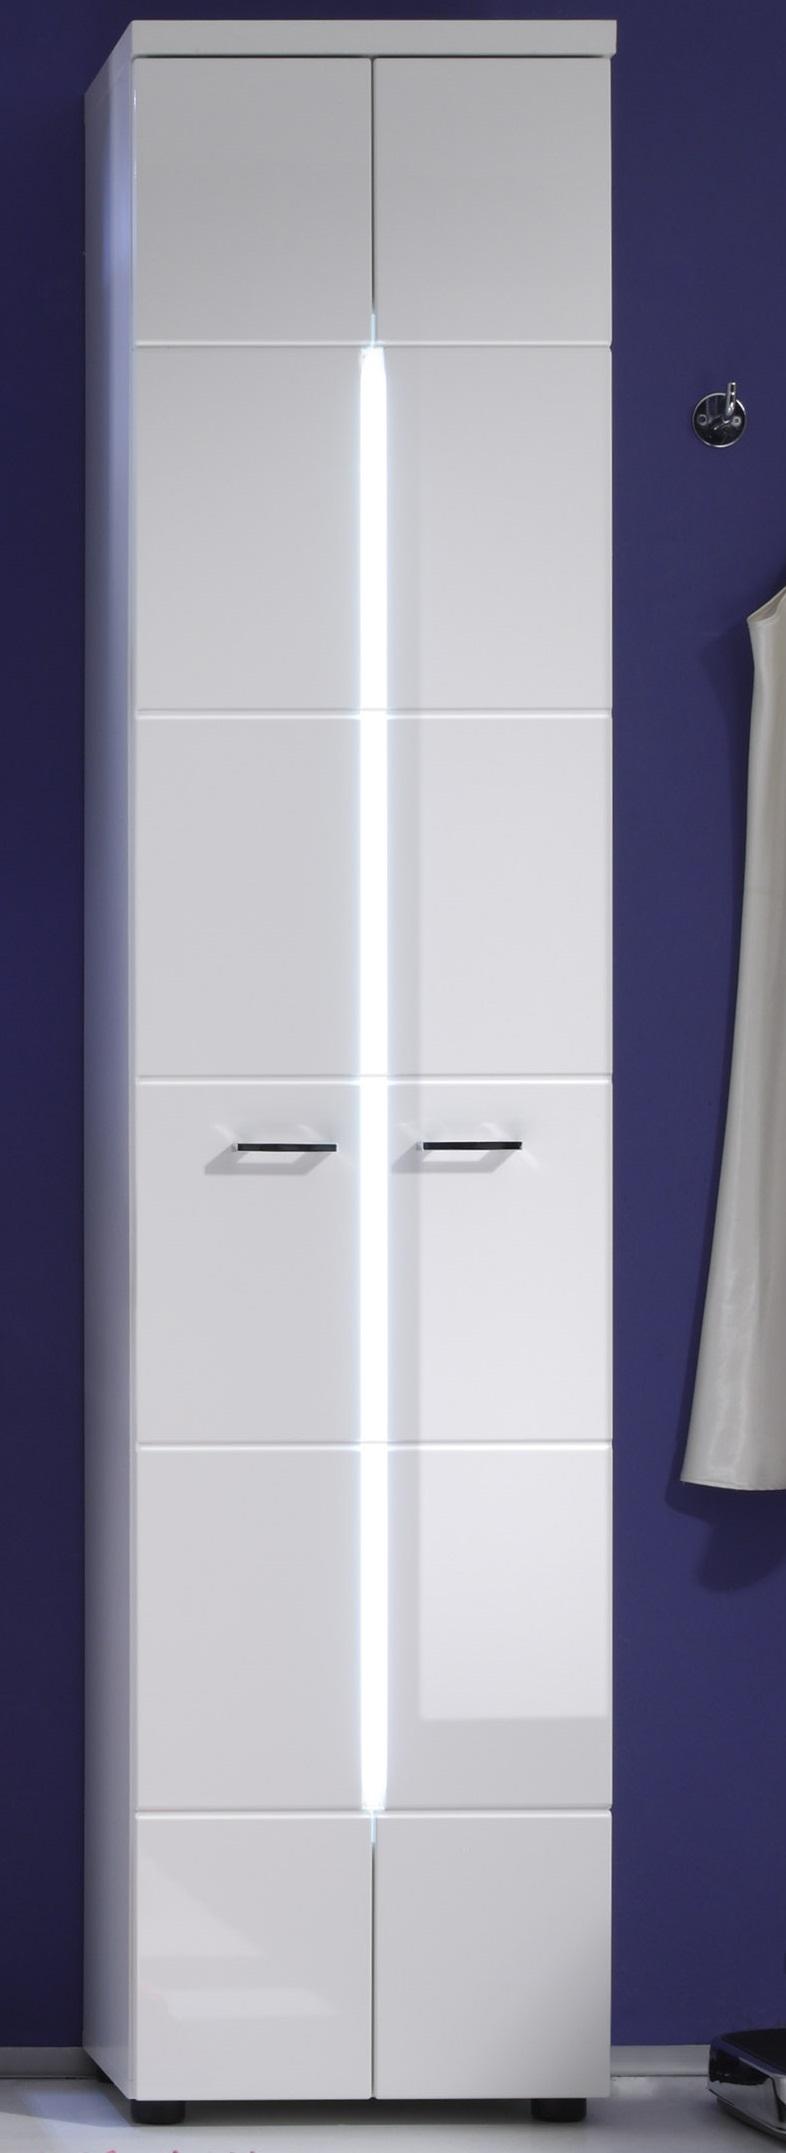 Colonne de salle de bain moderne blanche Blondie